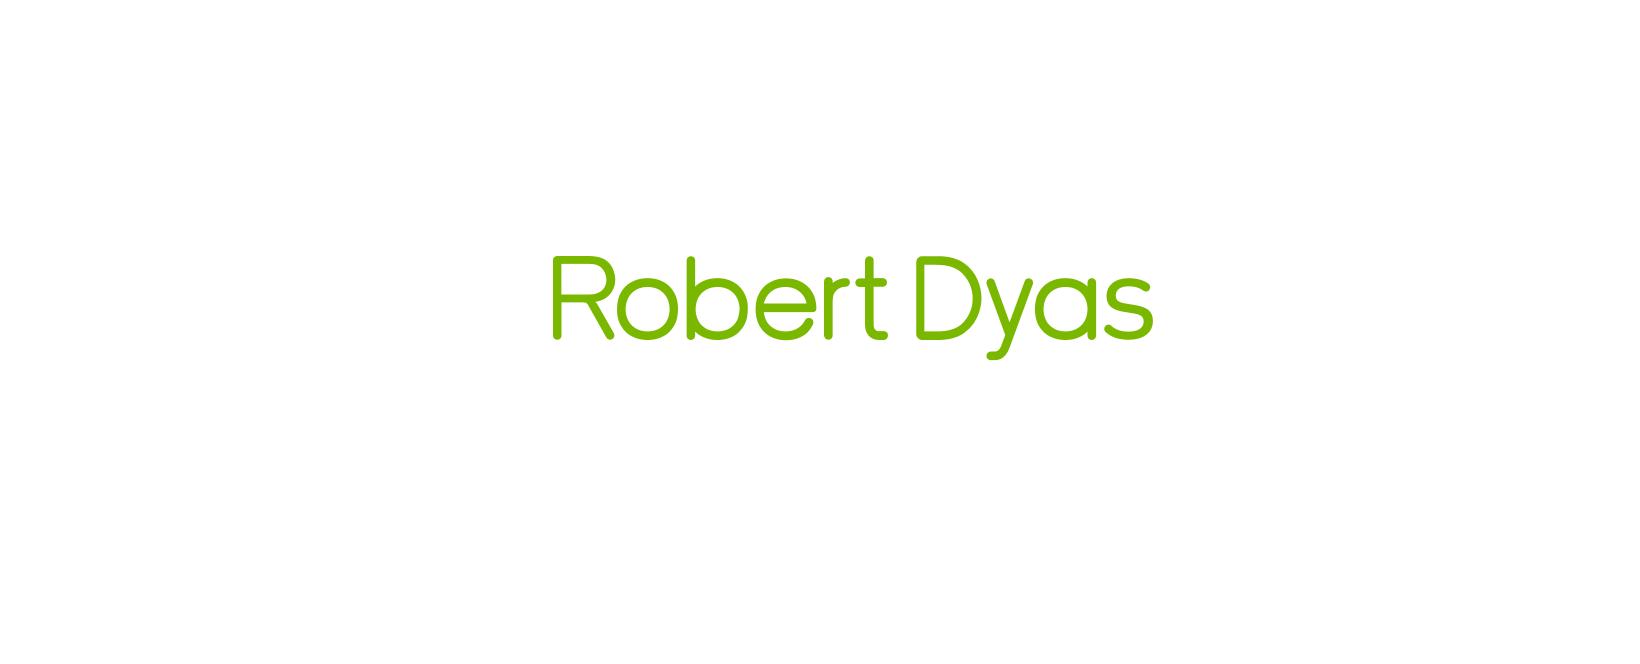 Robert Dyas UK Discount Code